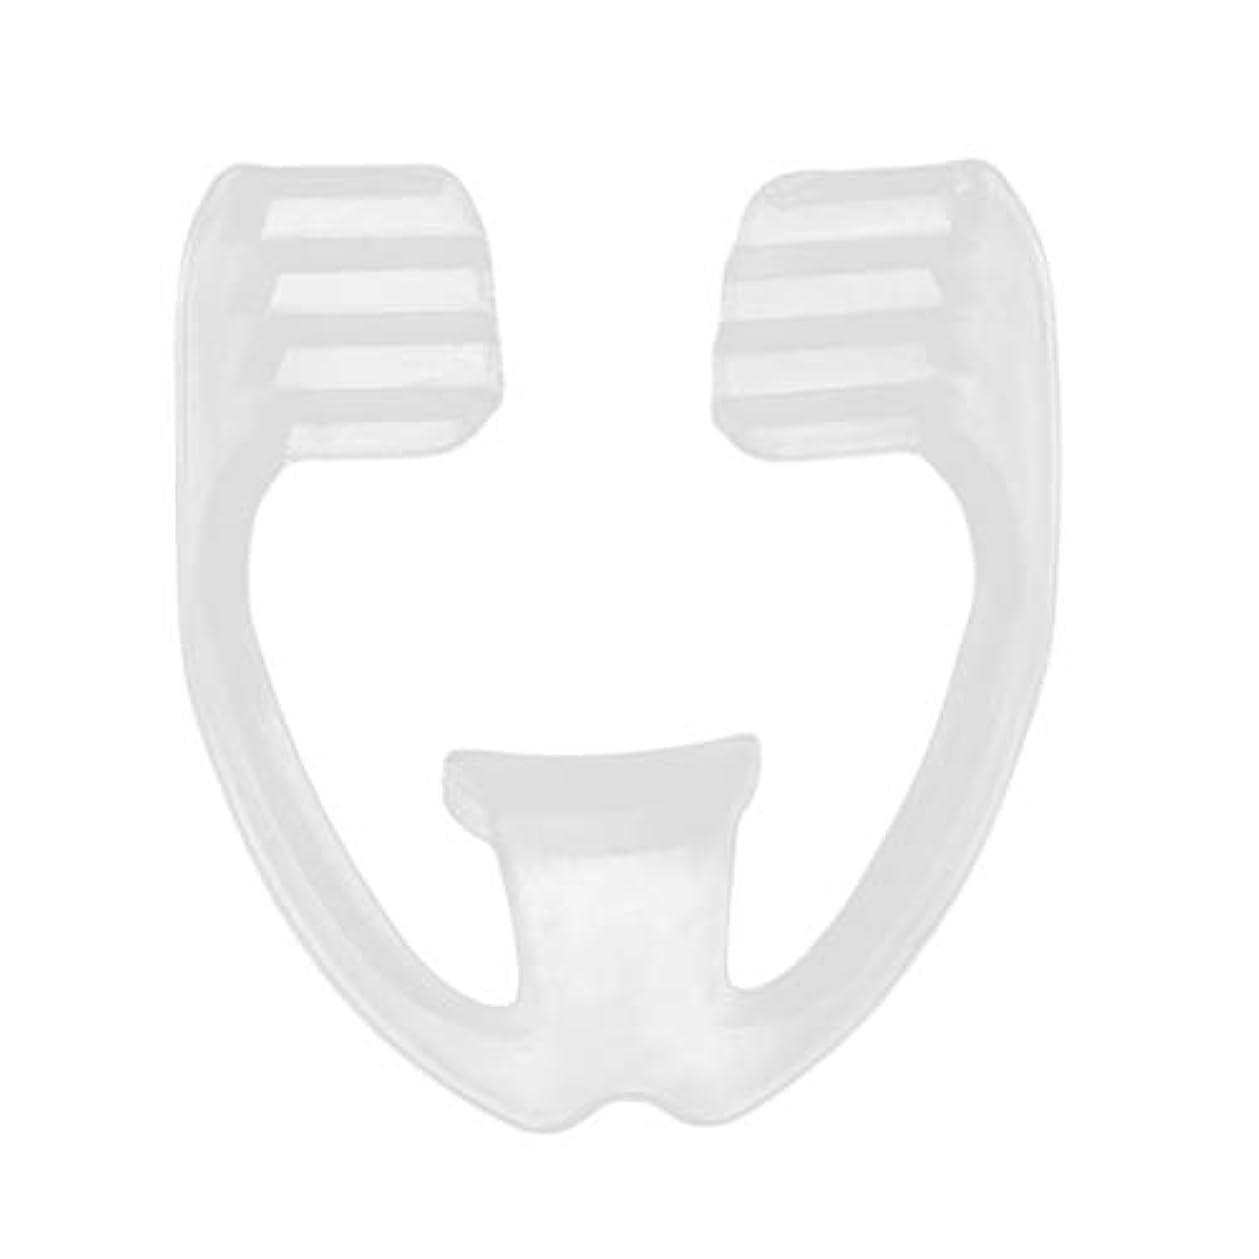 利点膨らみ控えるIntercoreyユニバーサルナイトスリープマウスガードストップ歯ひび割れ防止いびきボディヘルスケア睡眠補助ガード